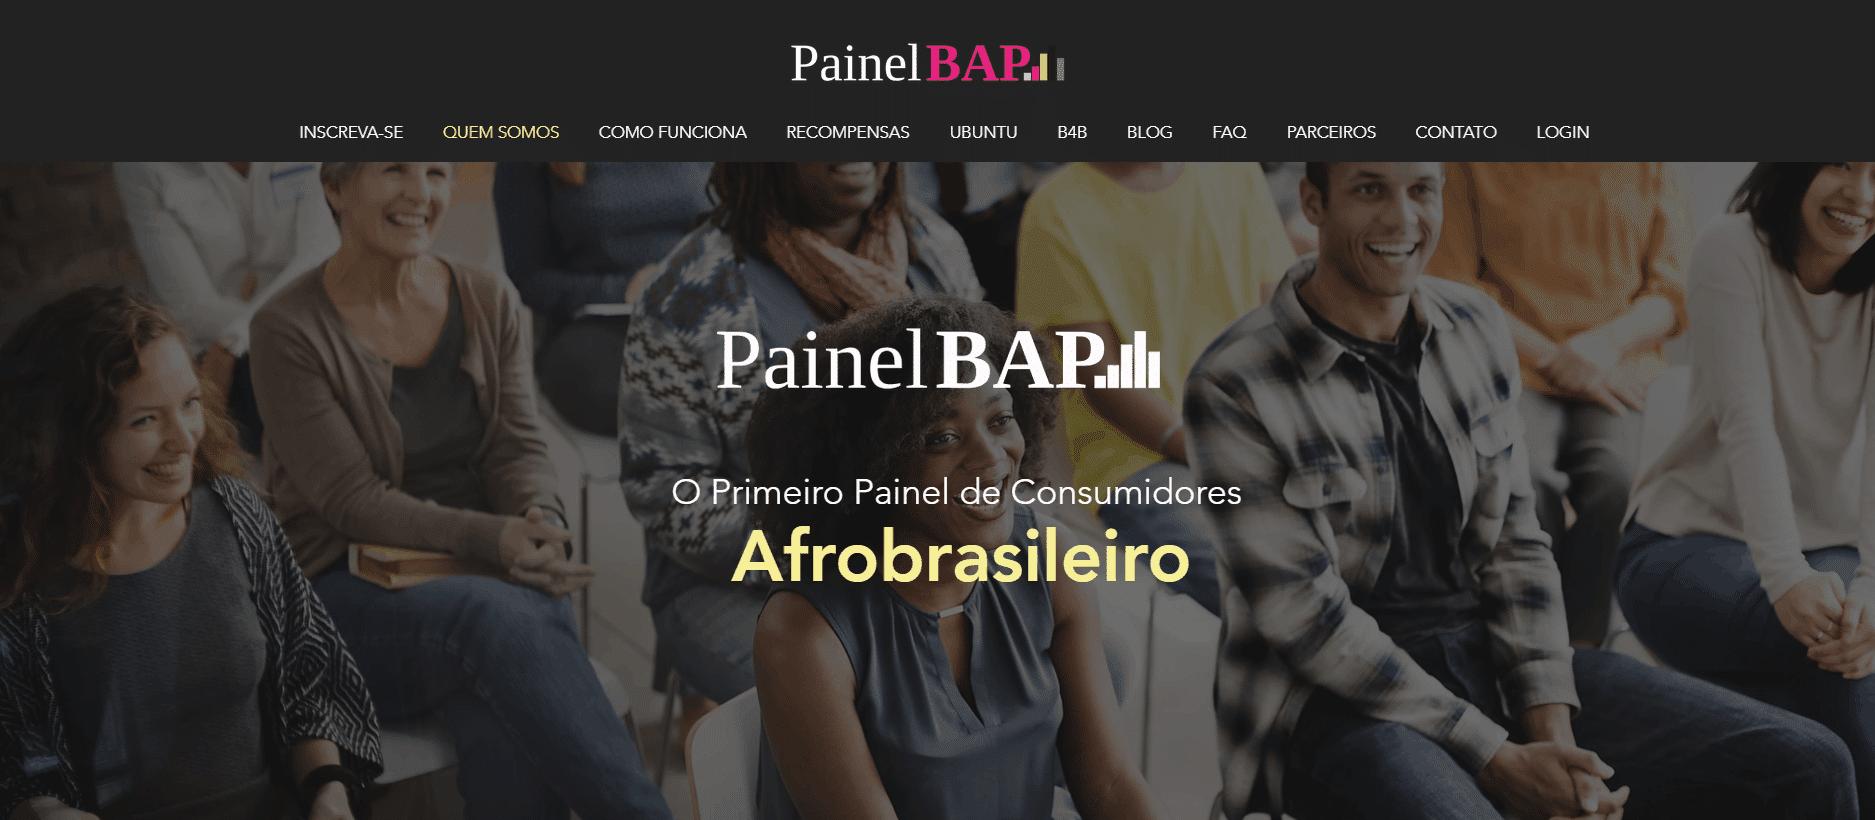 Painel Bap